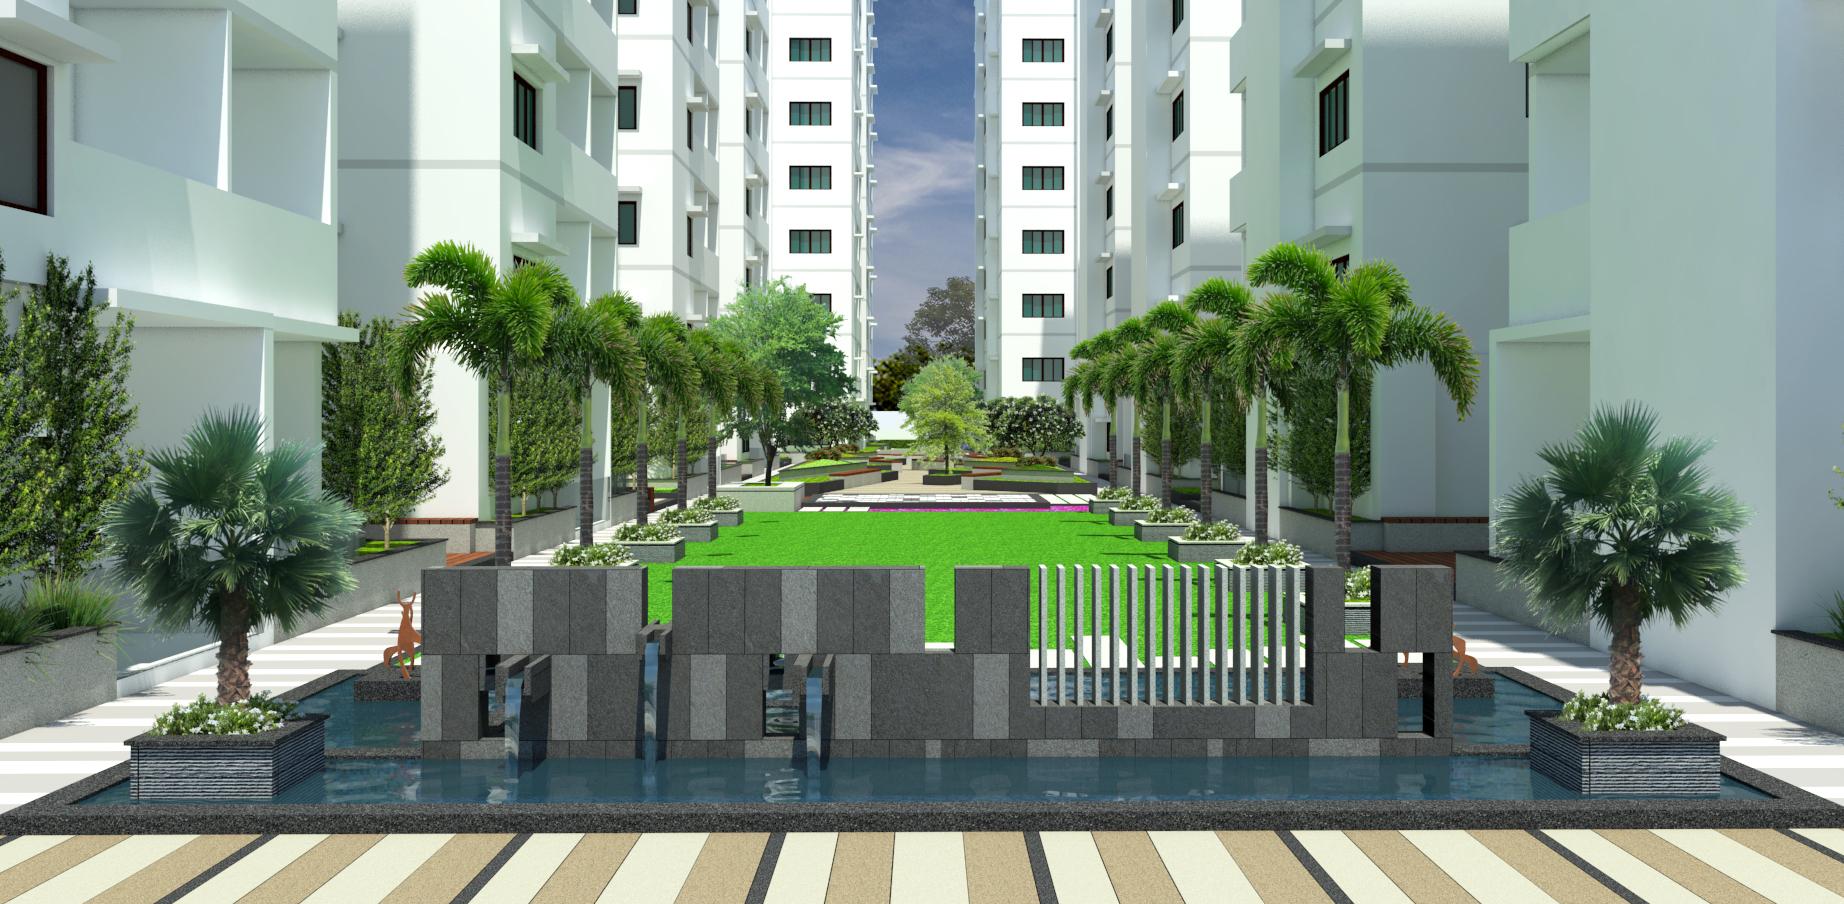 best landscape architect india